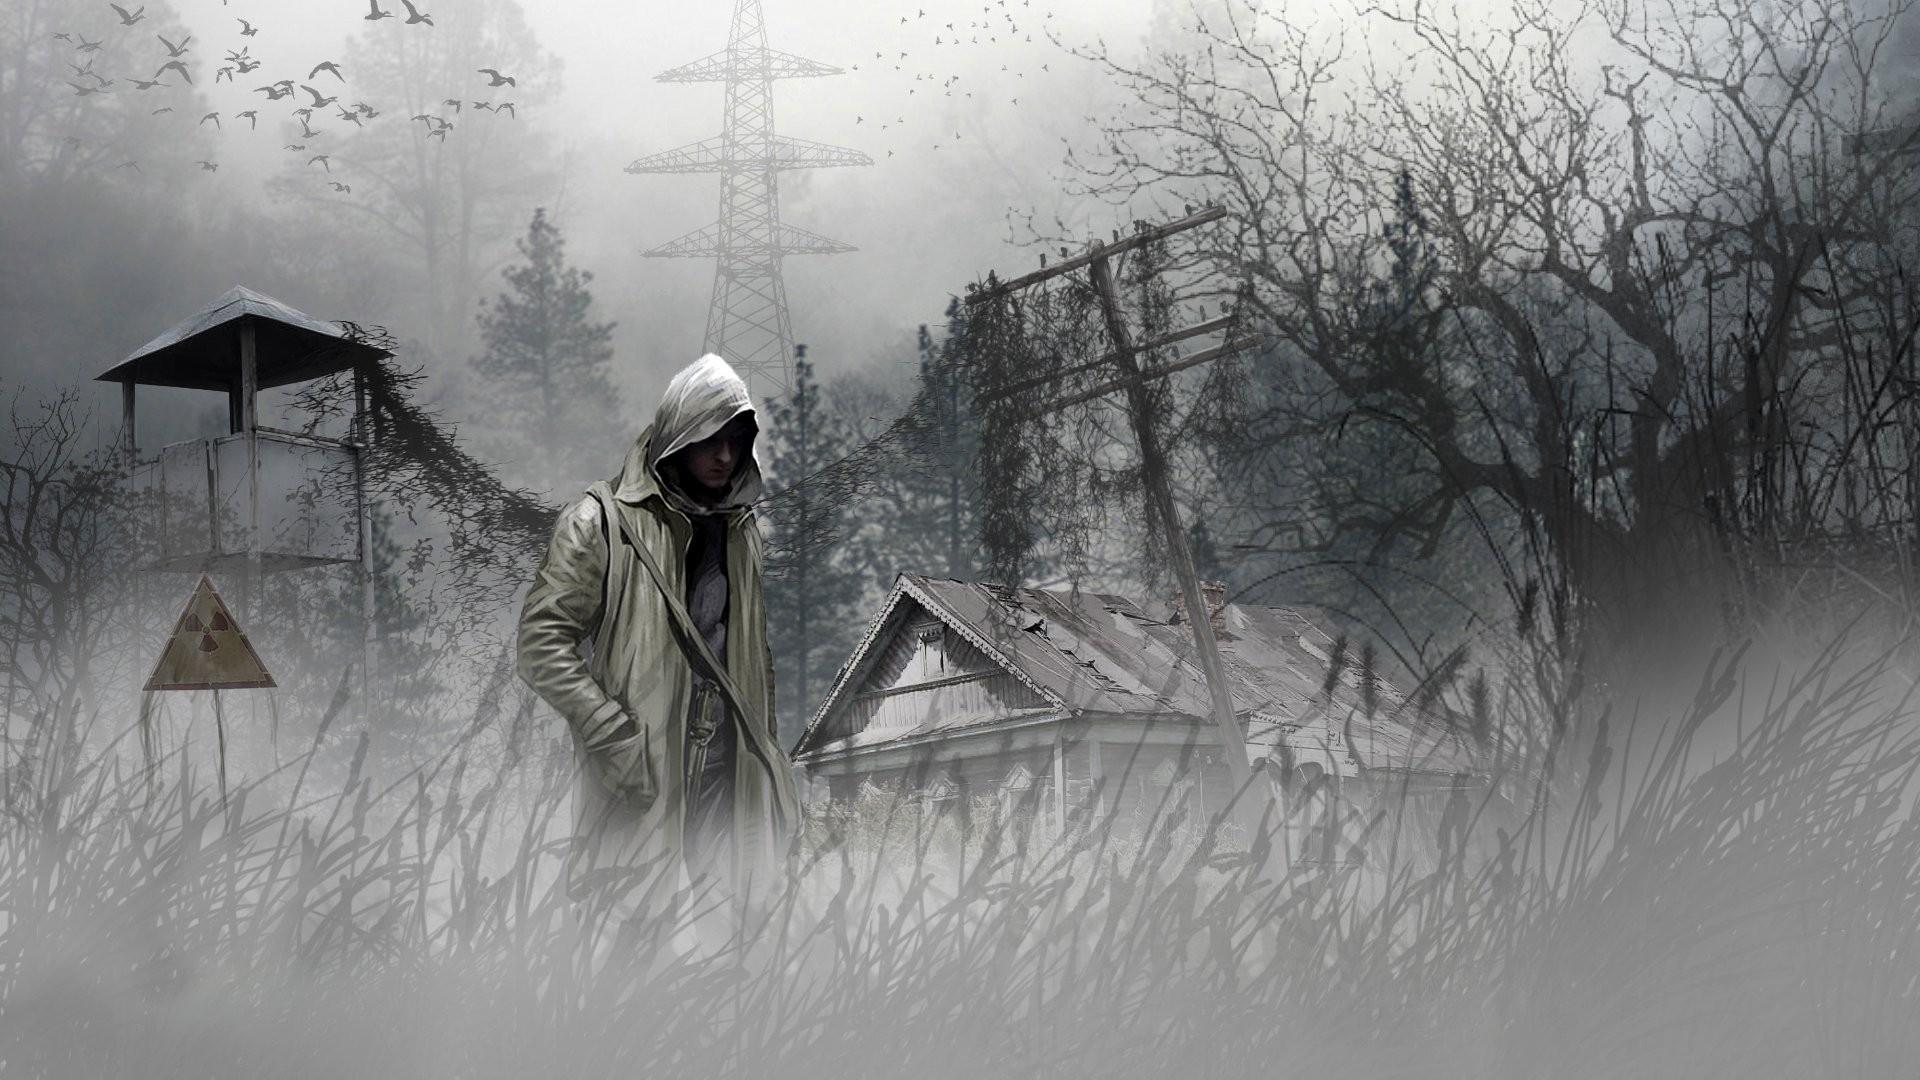 Post Apocalypse Wallpaper 1920x1080